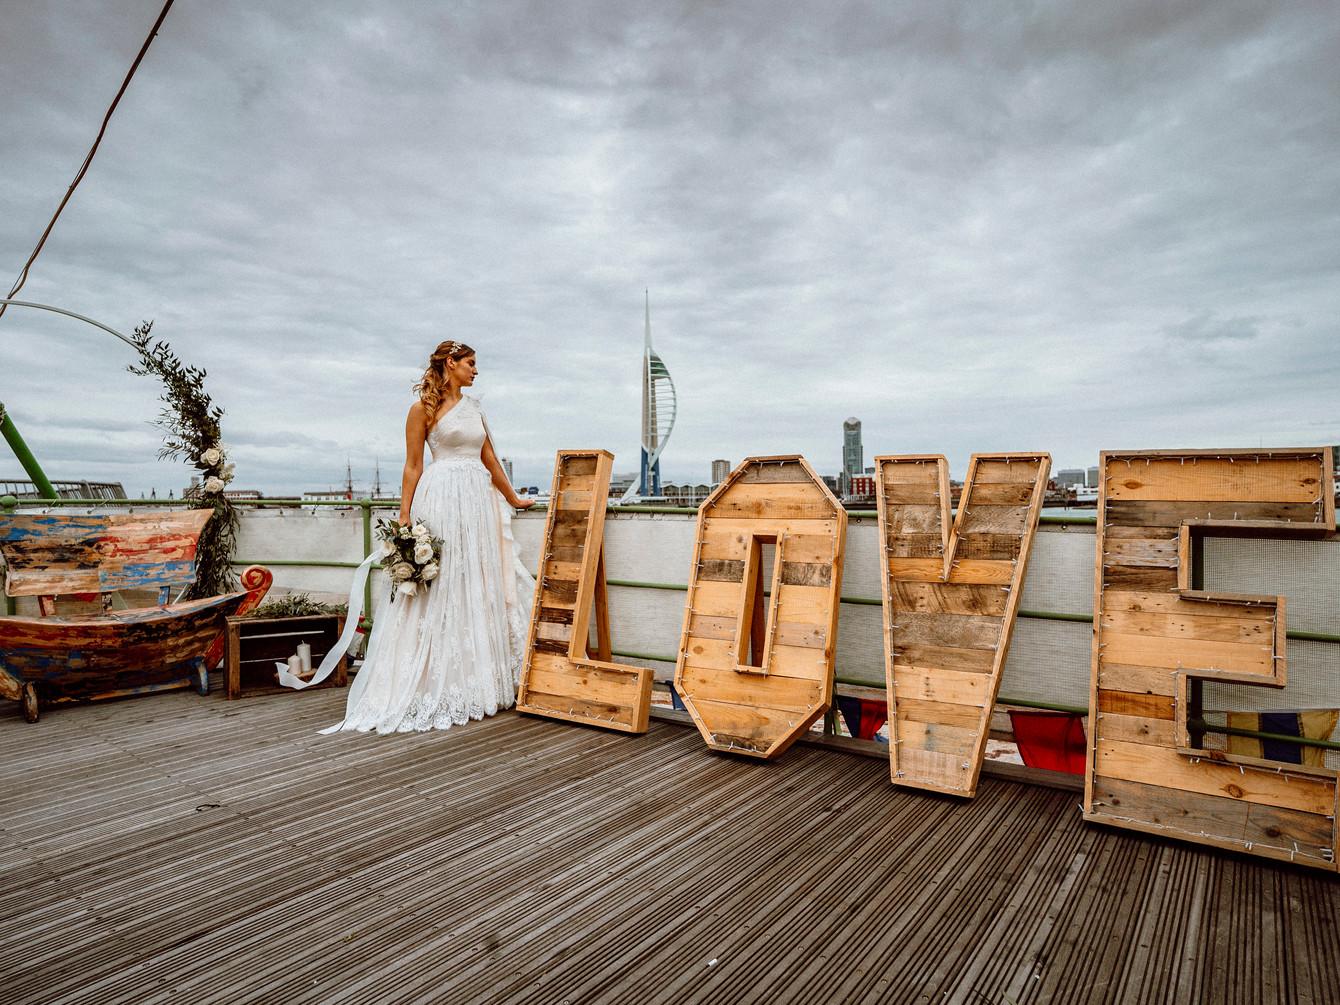 Credit: Weddings by Tom Langford